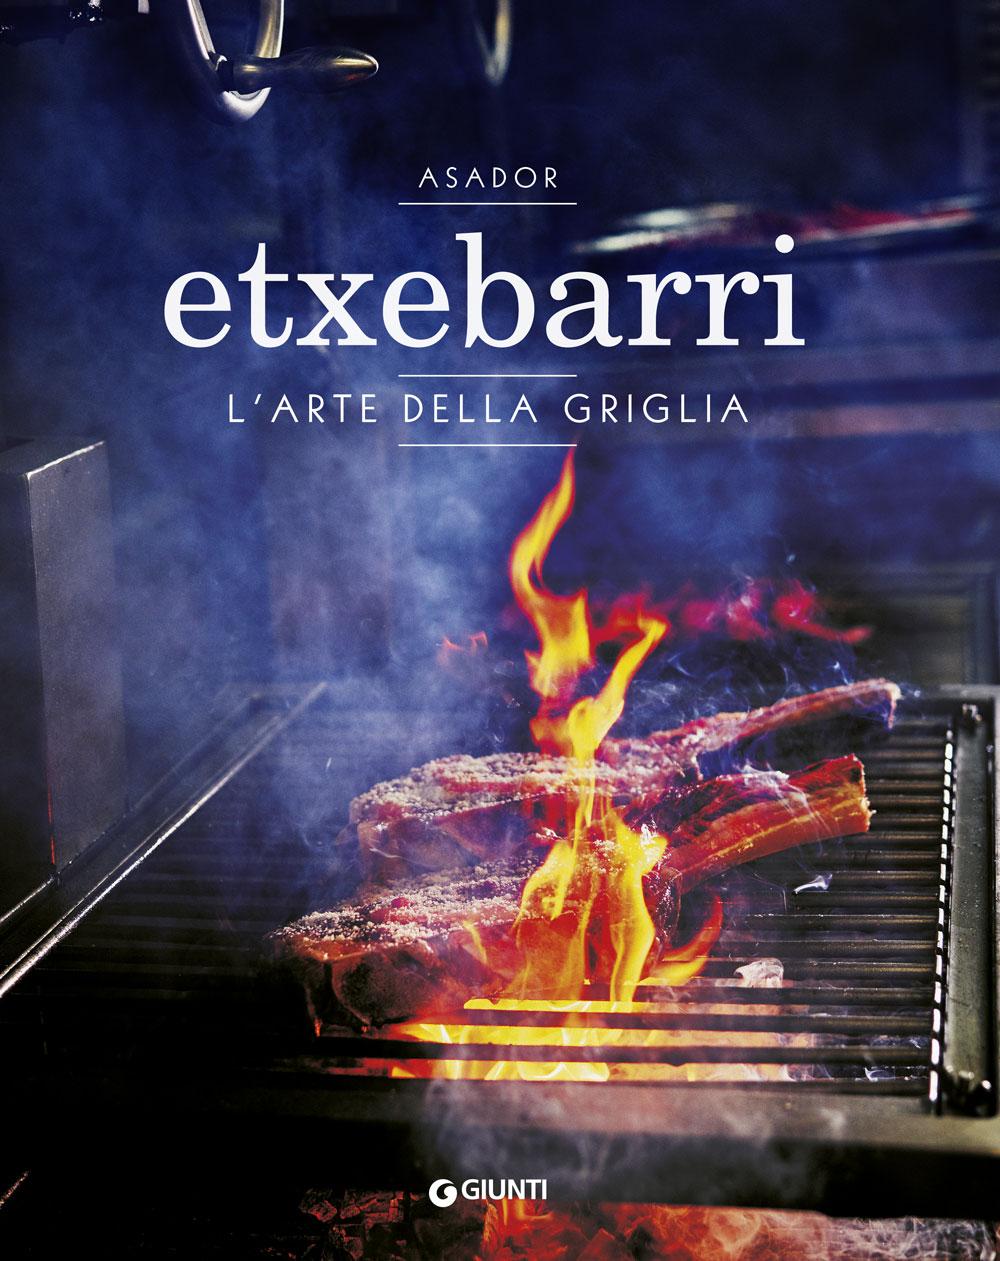 Asador Etxebarri. L'arte della griglia